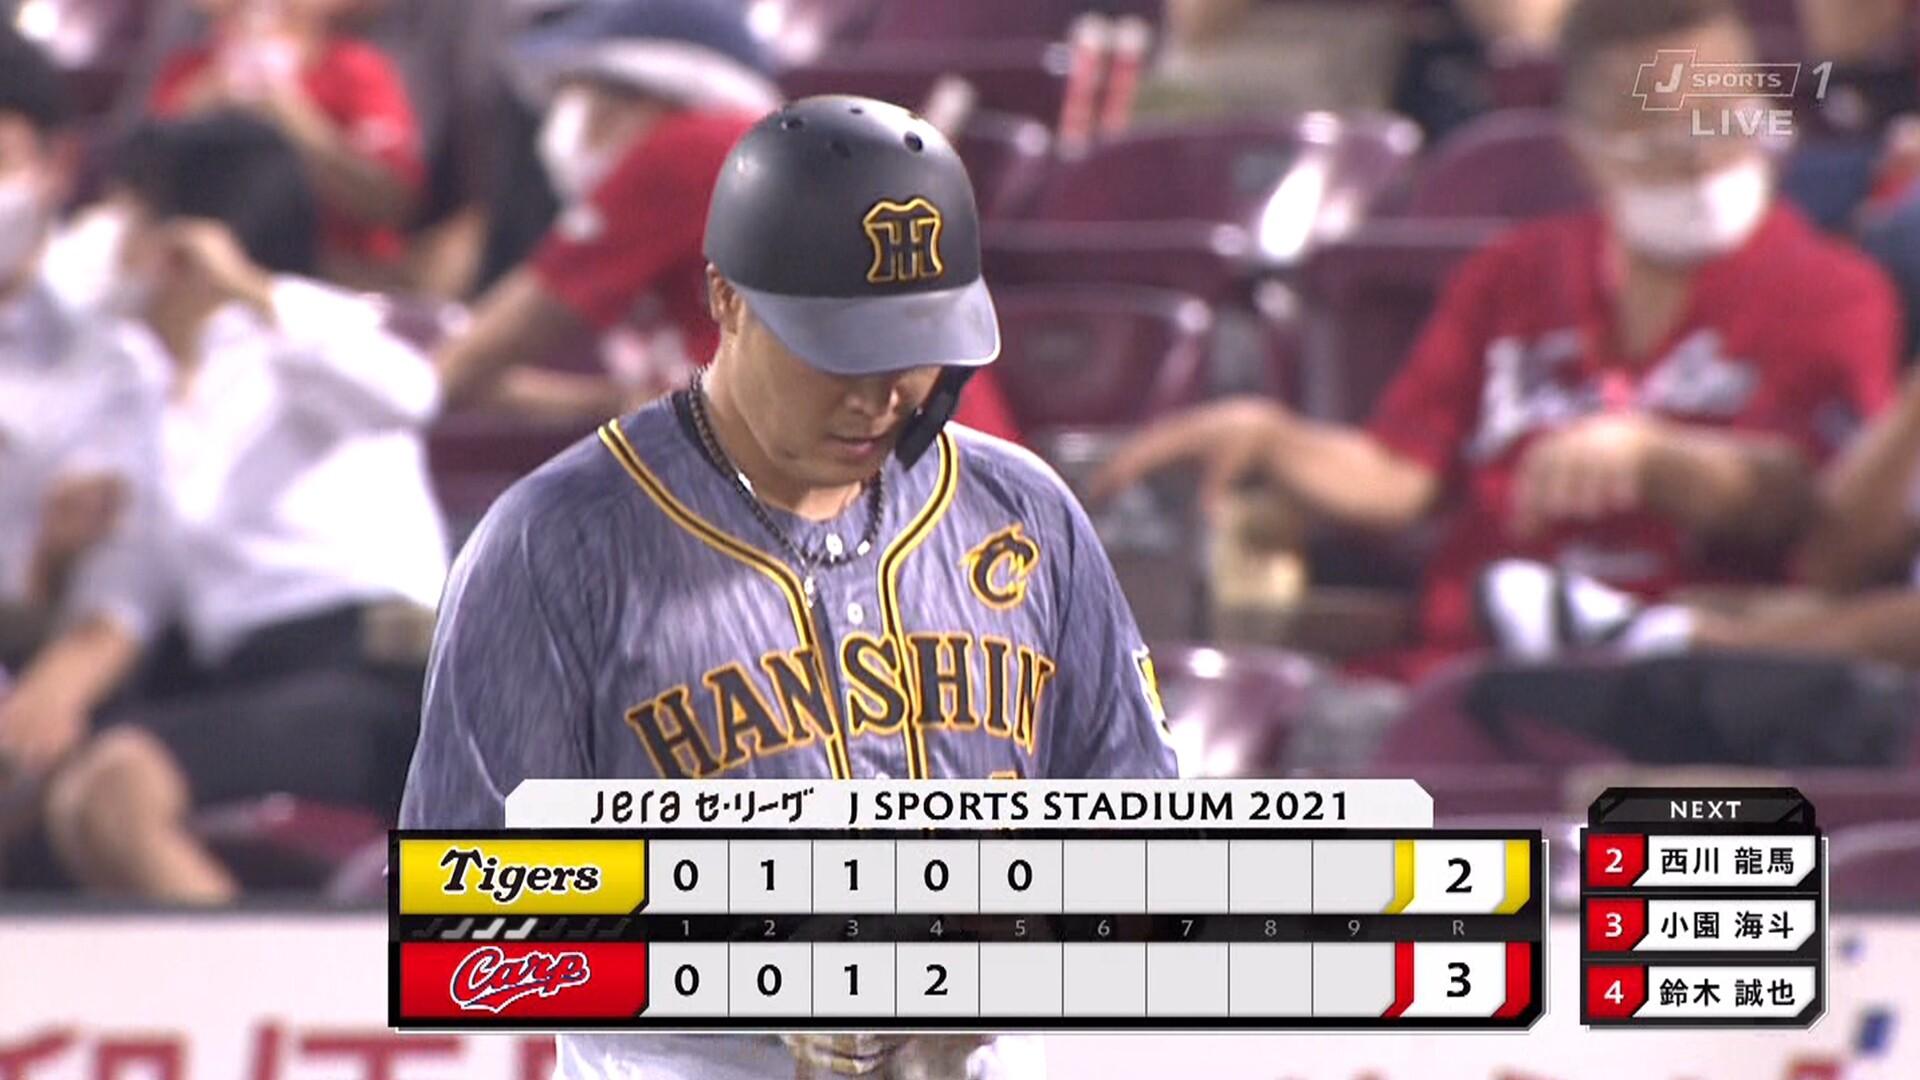 阪神・4番大山、2打席連続打って欲しい場面で打てず